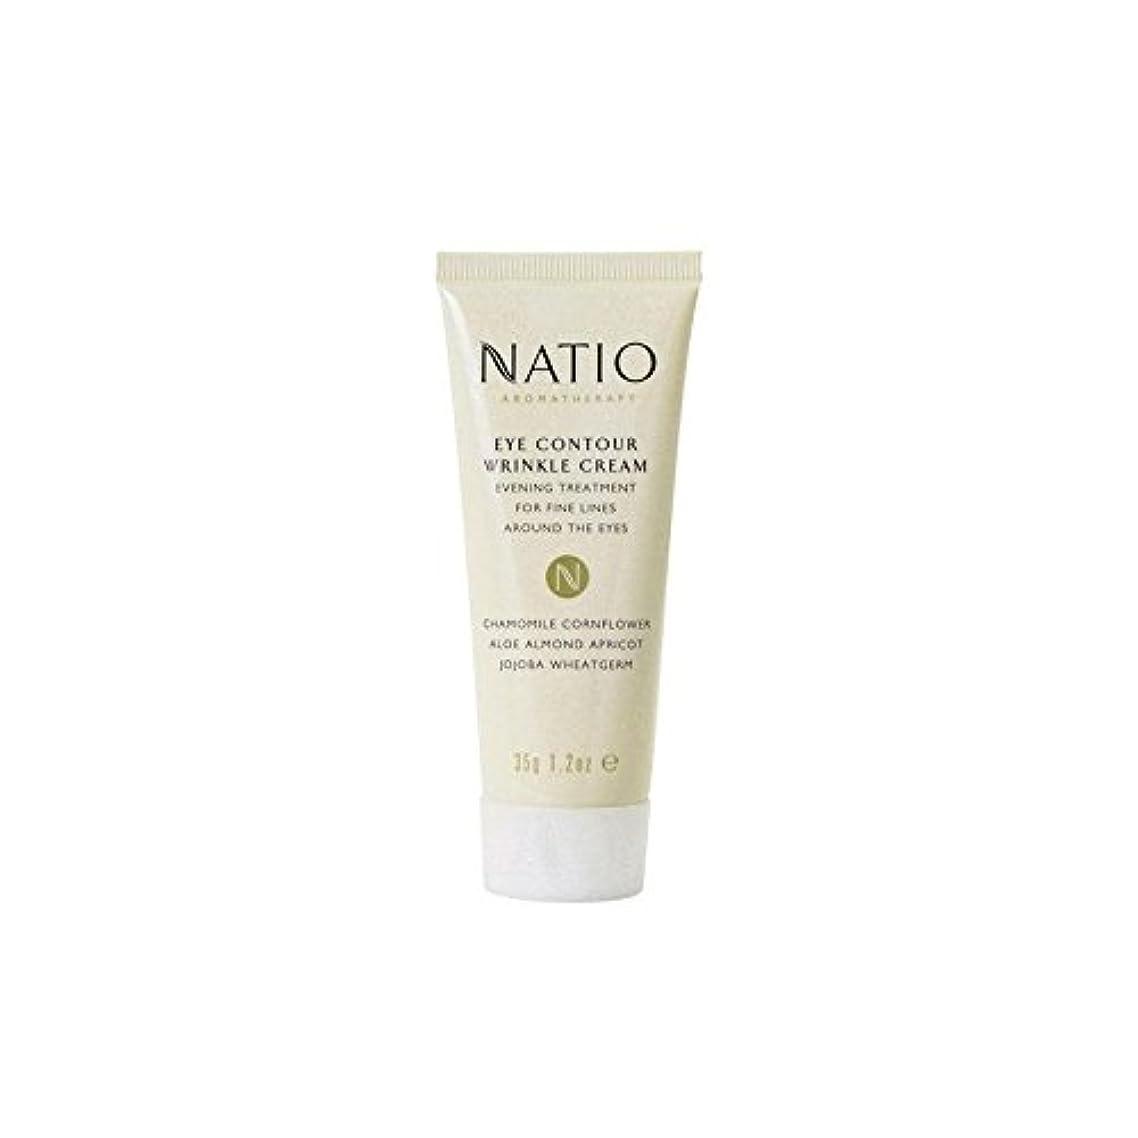 まあ納得させる無臭眼輪郭しわクリーム(35グラム) x4 - Natio Eye Contour Wrinkle Cream (35G) (Pack of 4) [並行輸入品]